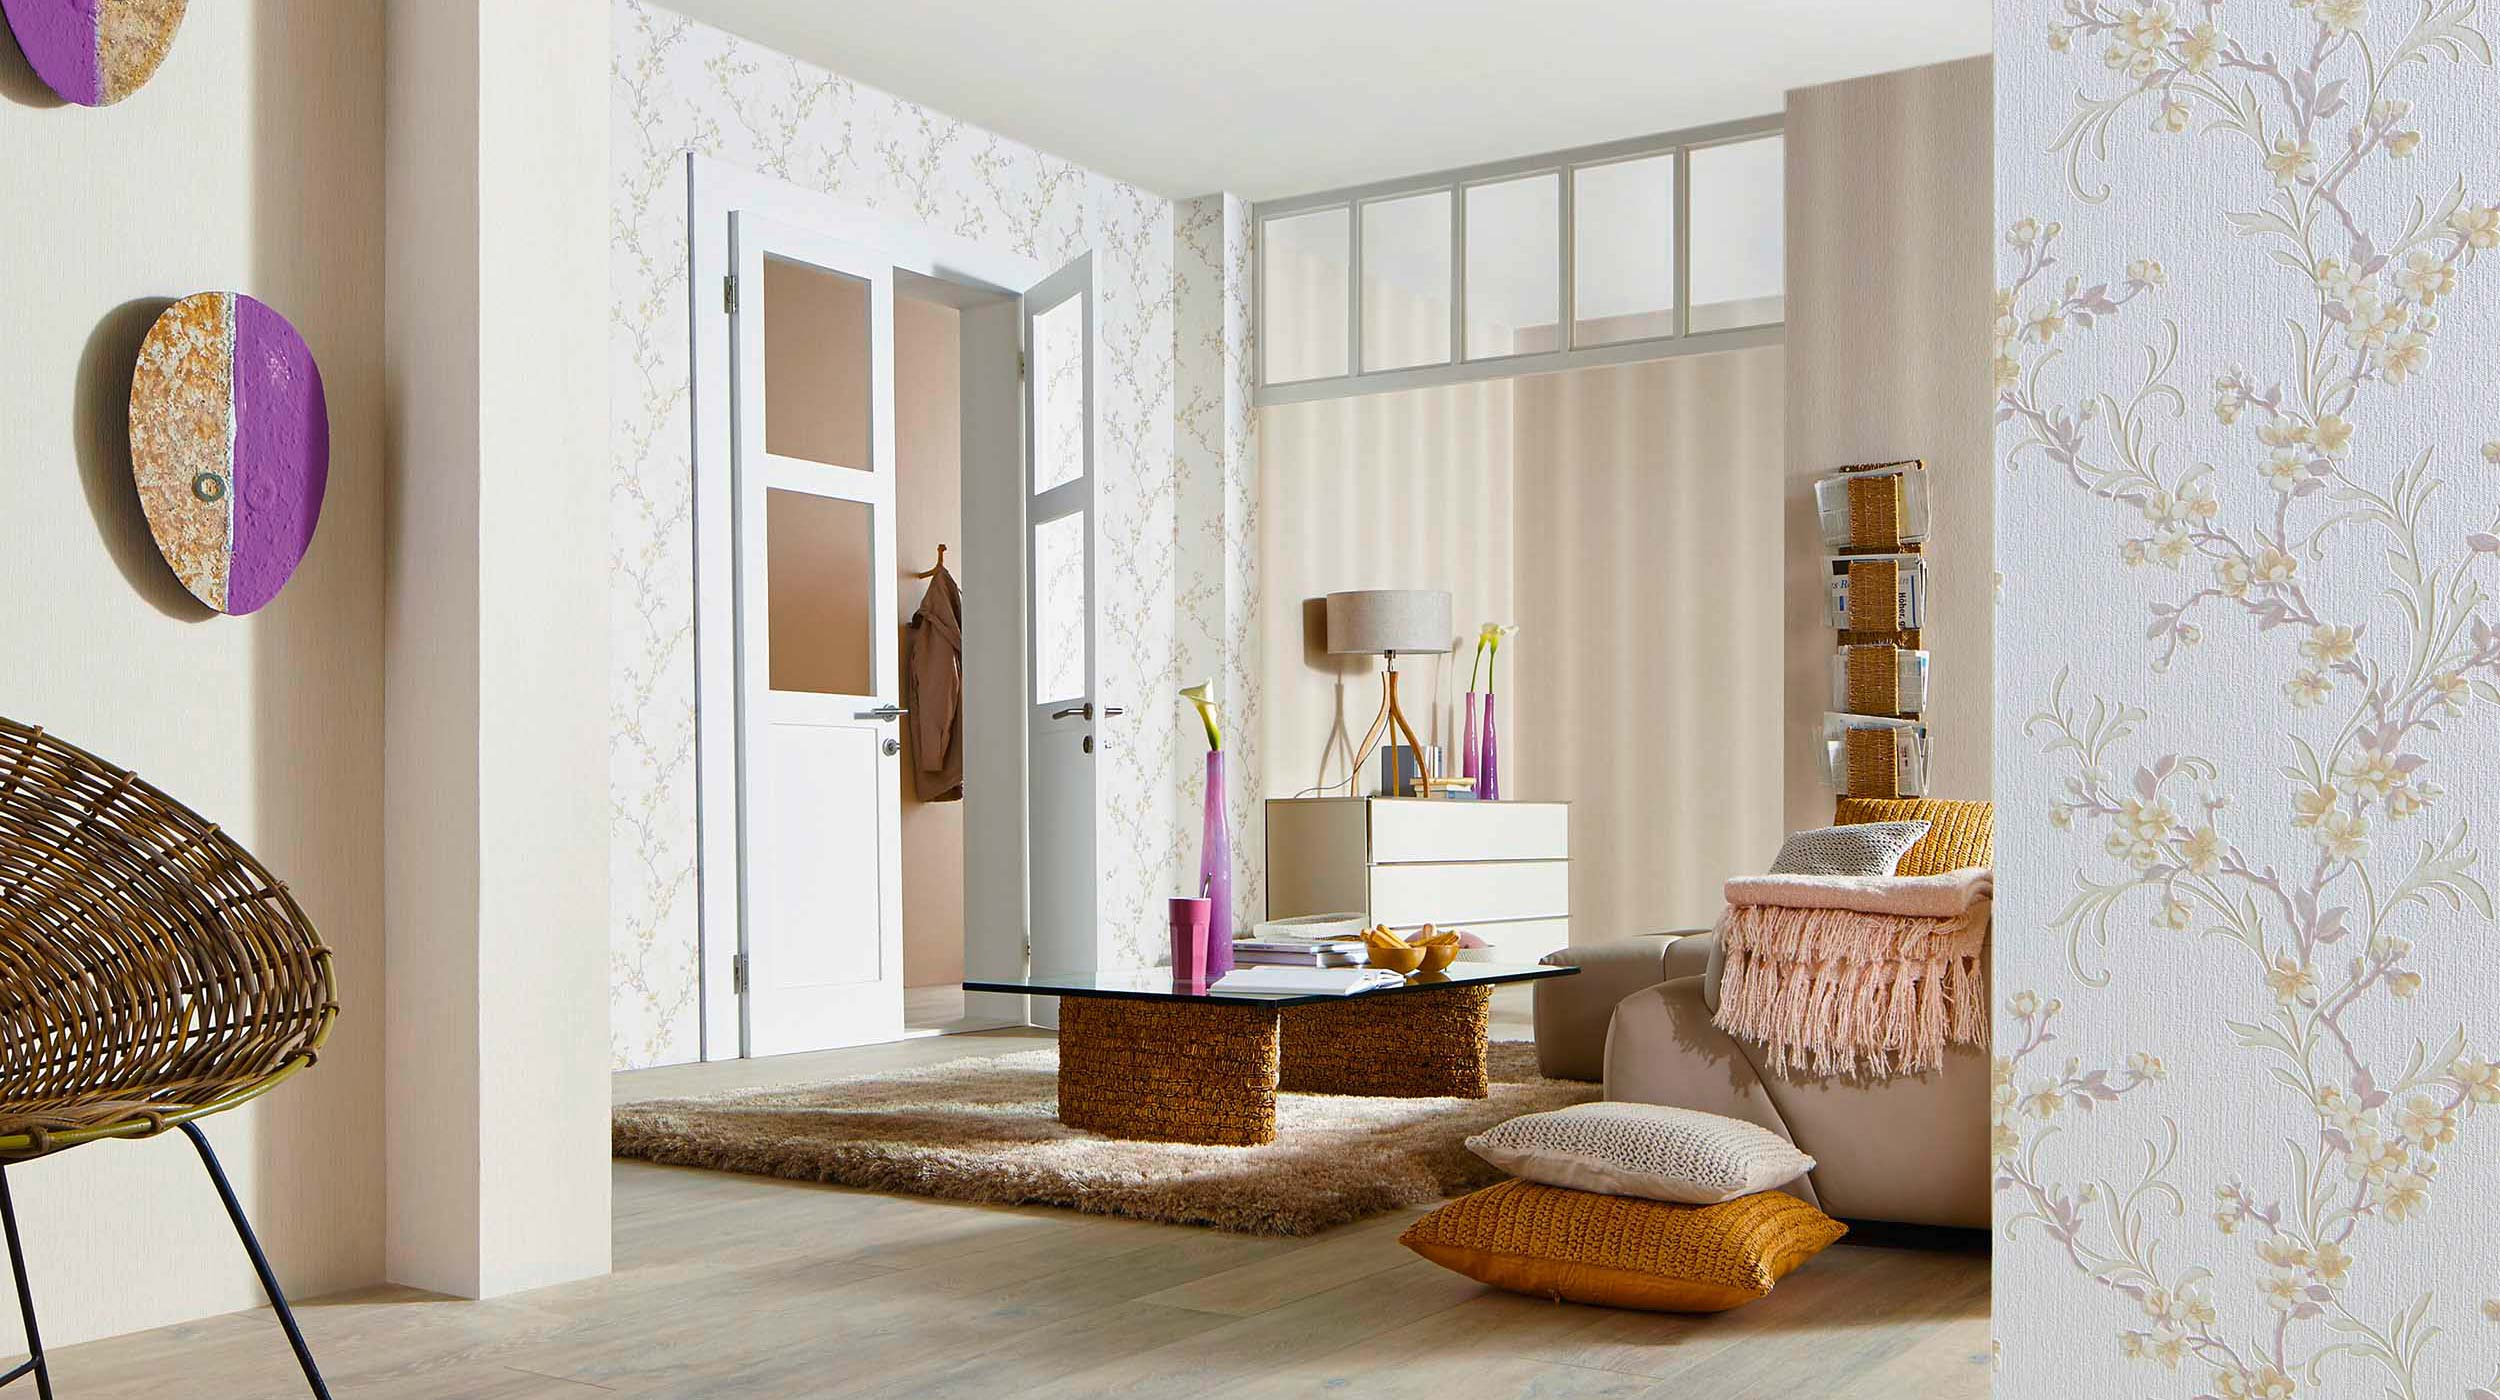 aktuelle trend-kollektion fame | erismann & cie. gmbh - Wohnzimmer Tapeten 2015